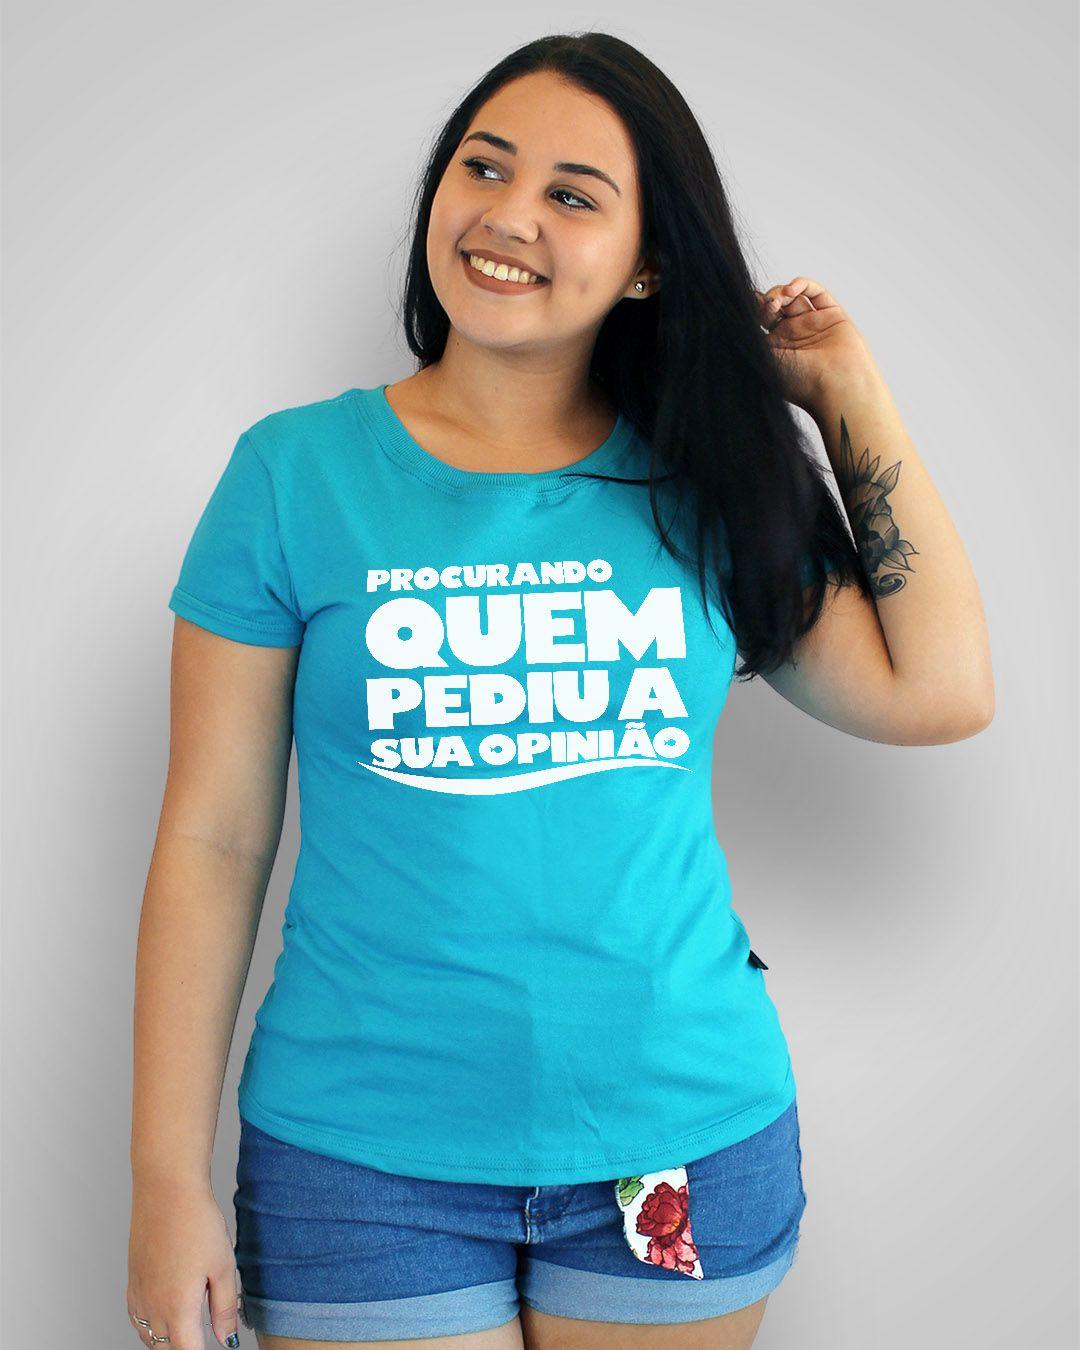 Camiseta Procurando quem pediu a sua opinião